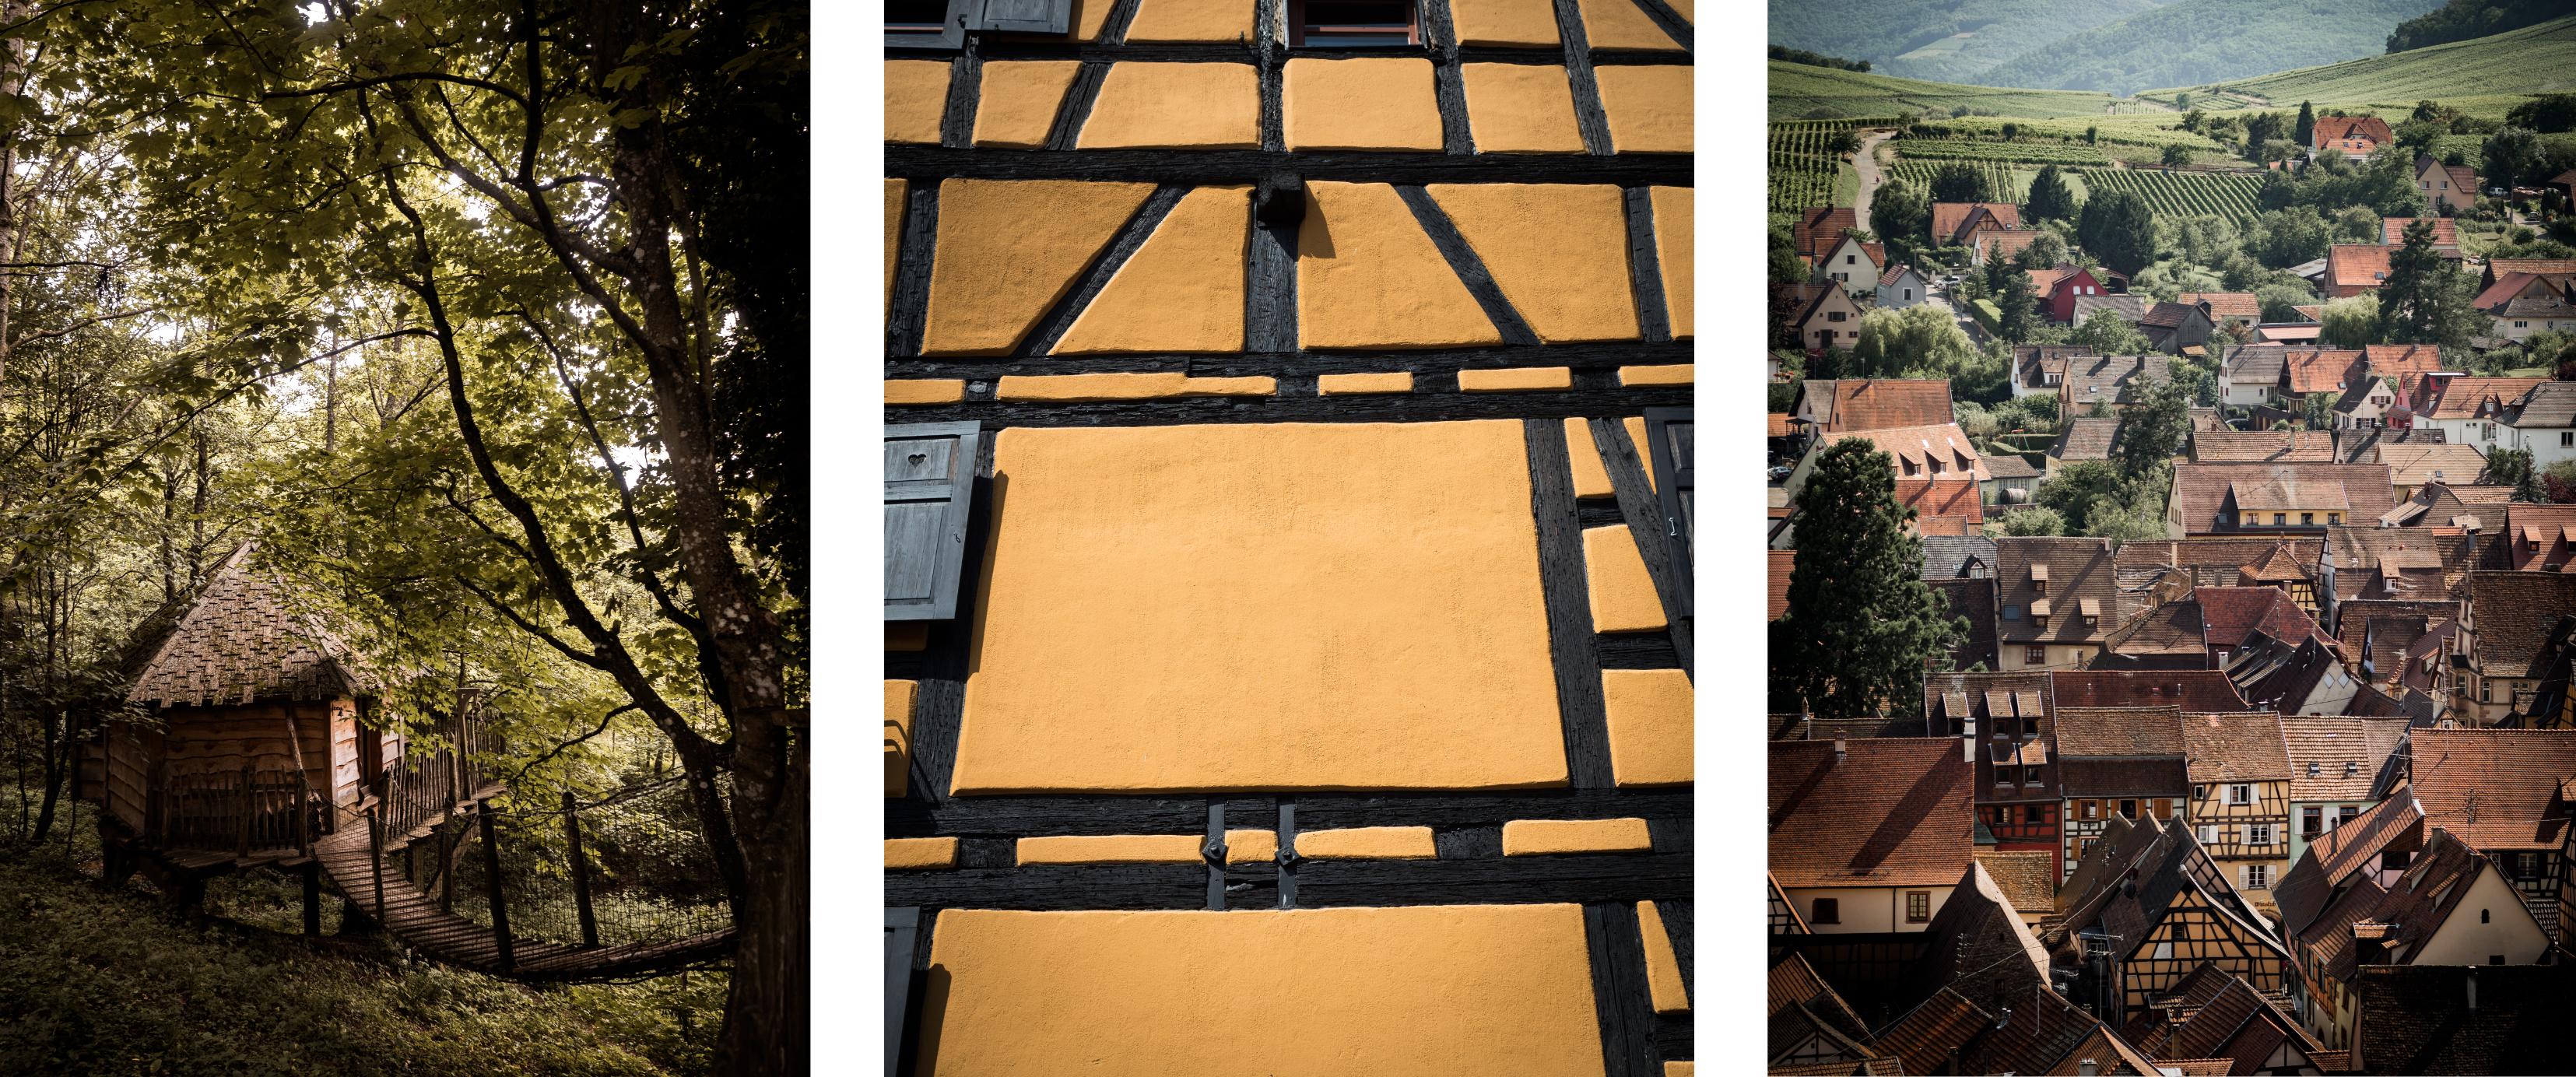 cabane dans les arbres en Alsace - pays de Ribauvillé et Riquewhir